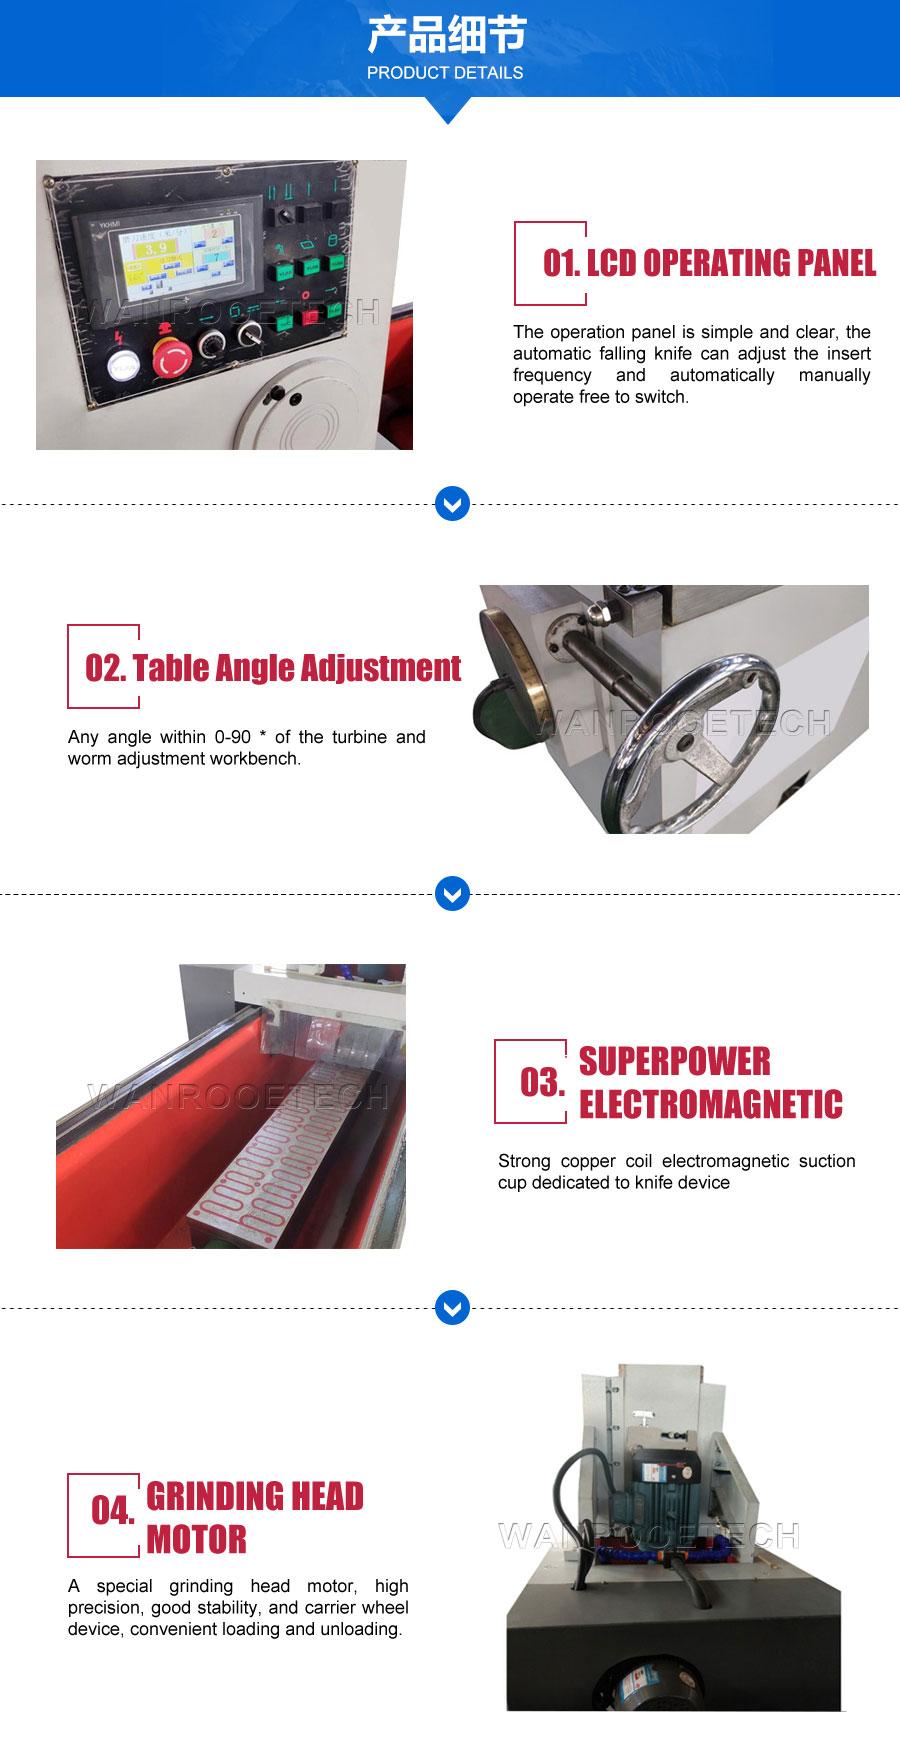 blade sharpening equipment, knife sharpener machine, blade sharpener machine, straight knife sharpener machine